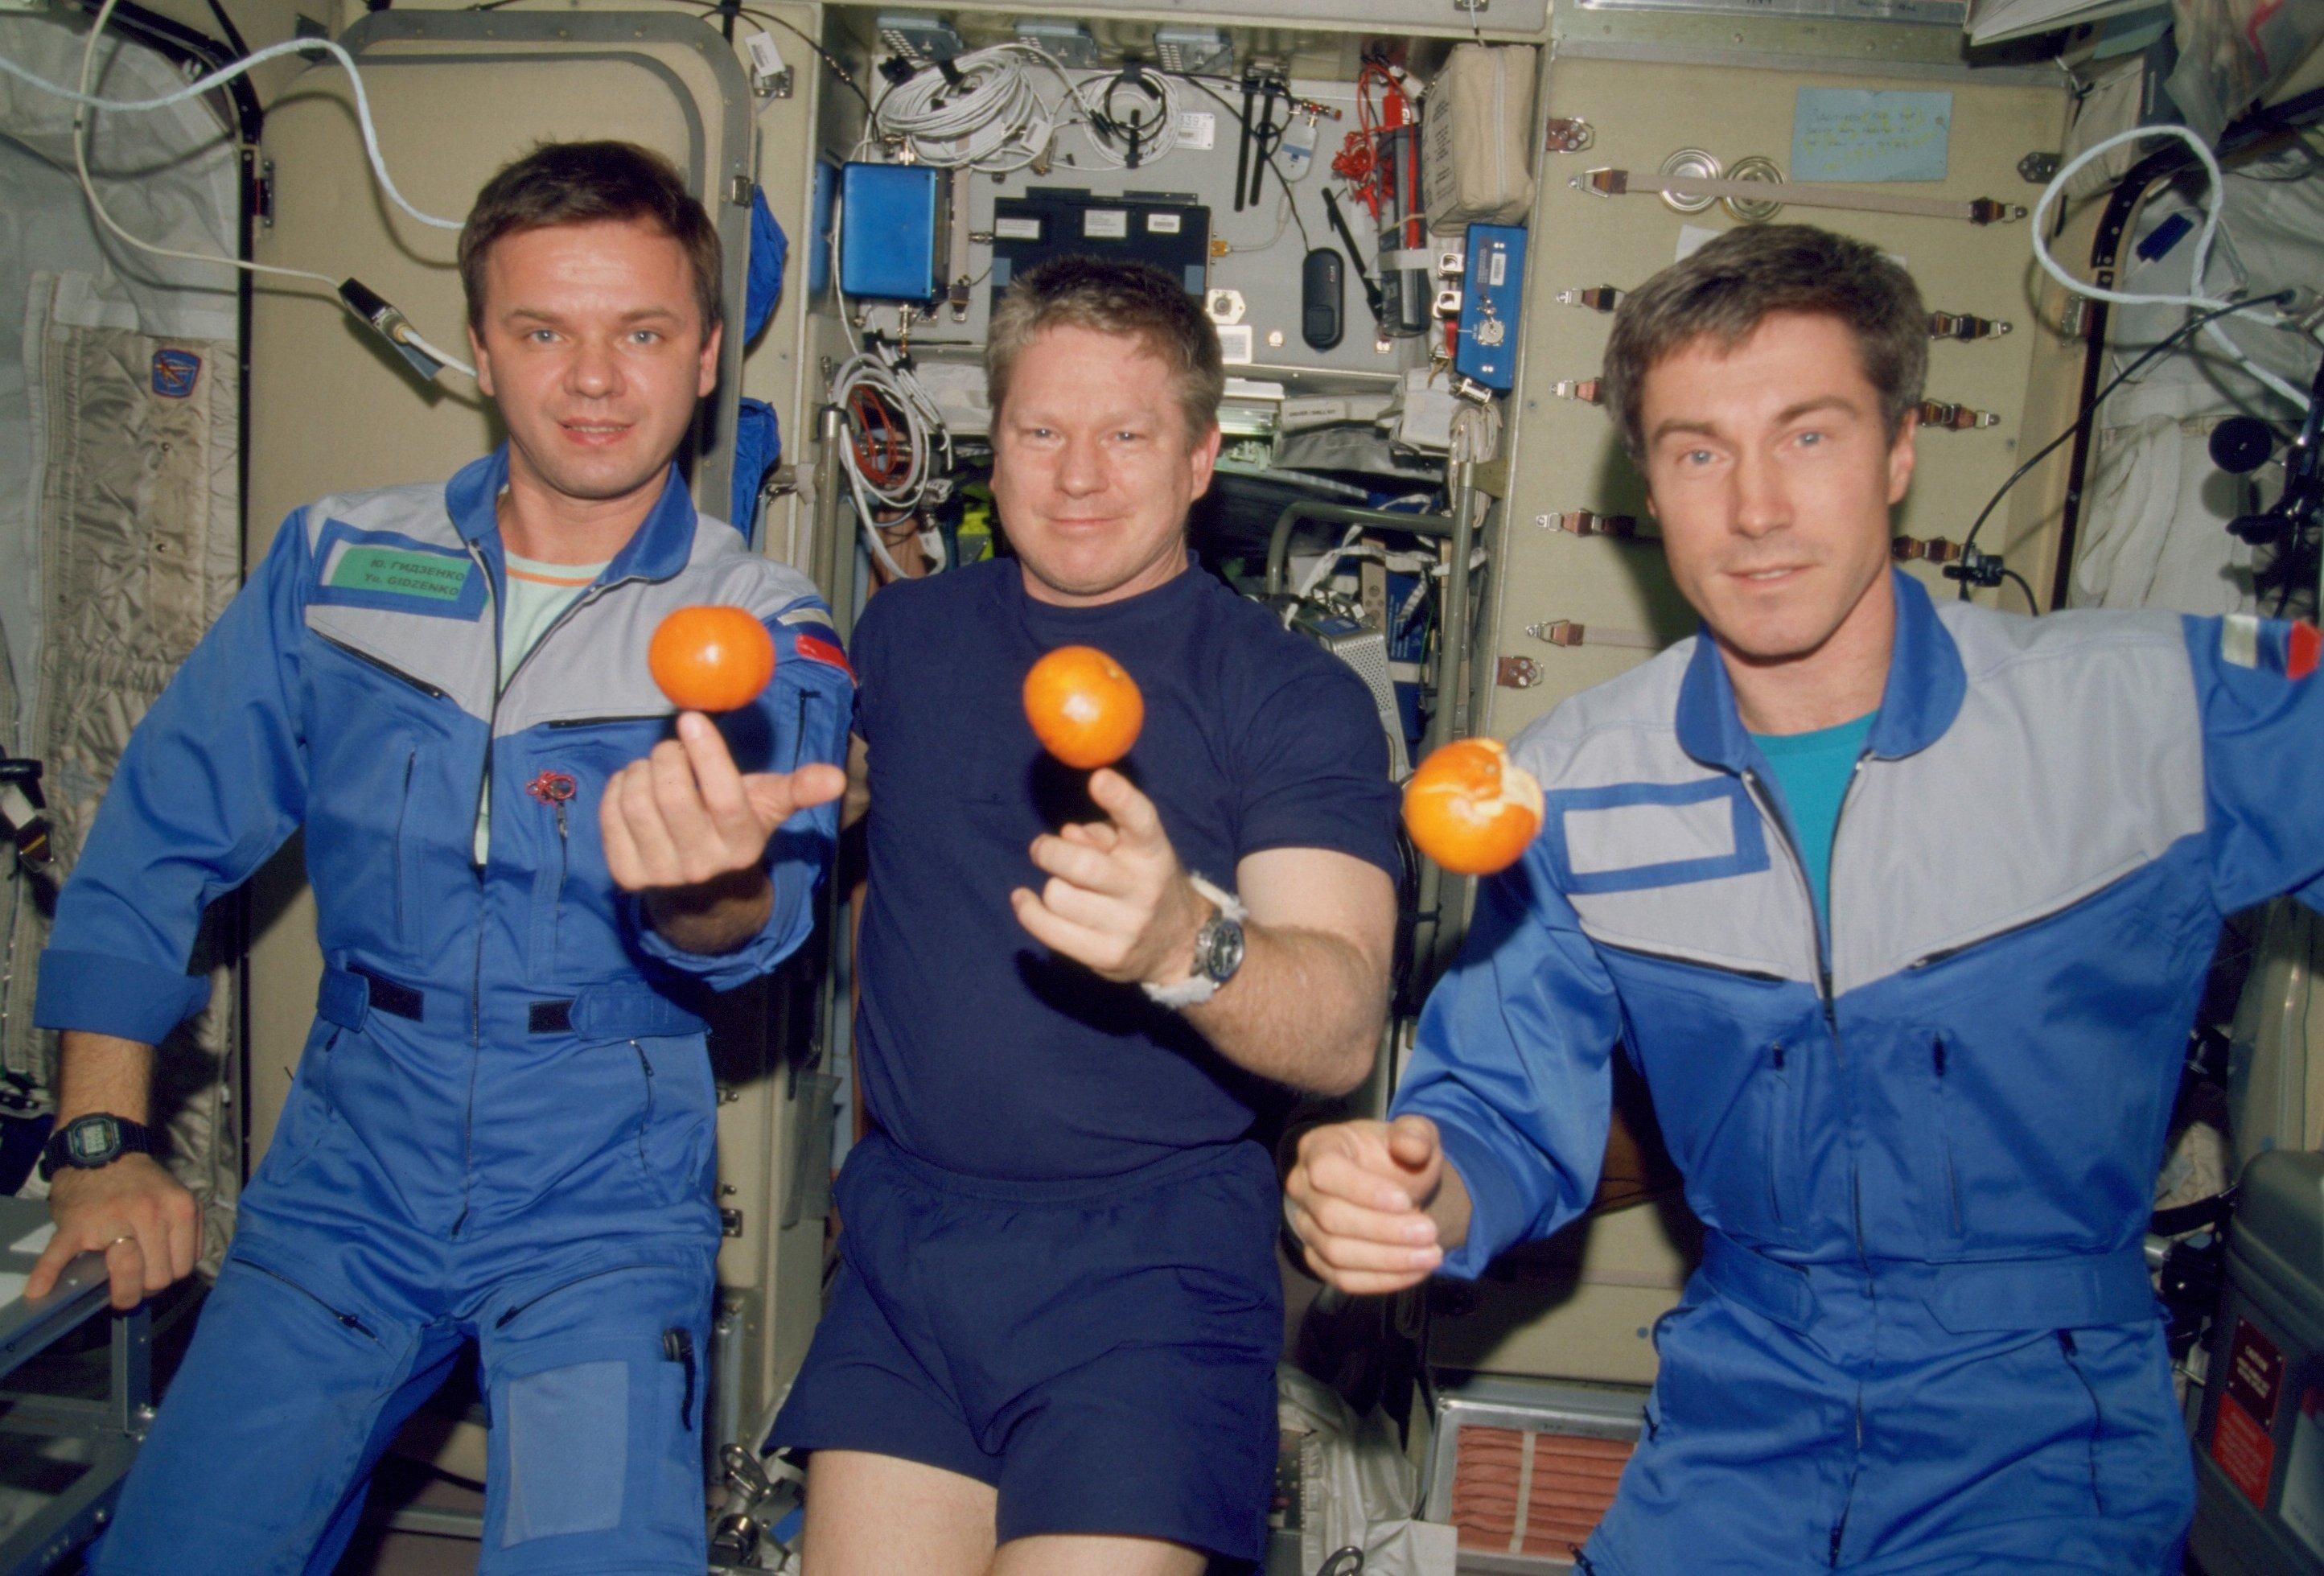 Die erste Crew im Dezember 2000 auf der Internationalen Raumstation ISS (v.l.): der Russe Yuri Gidzenko, der Amerikaner William Shepherd und der Russe Sergei Krikalev.